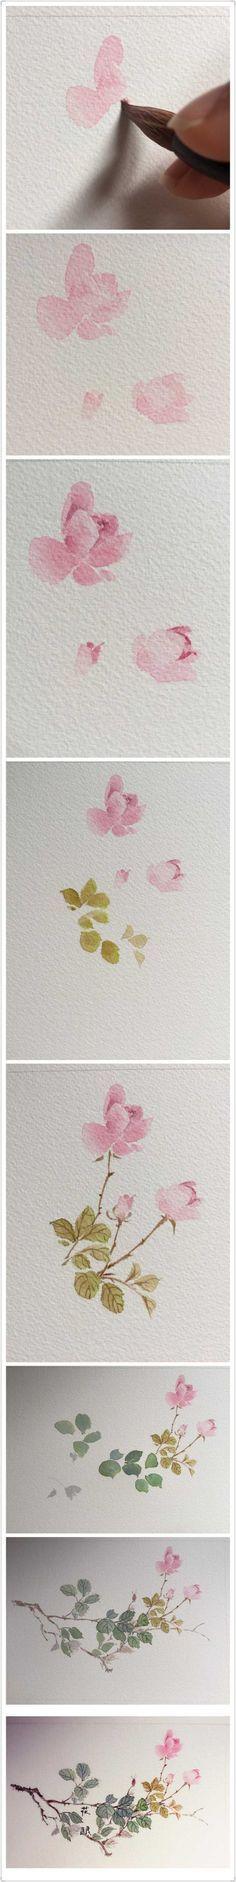 Watercolor art: Roses compare at Wrhel.com - #Wrhel